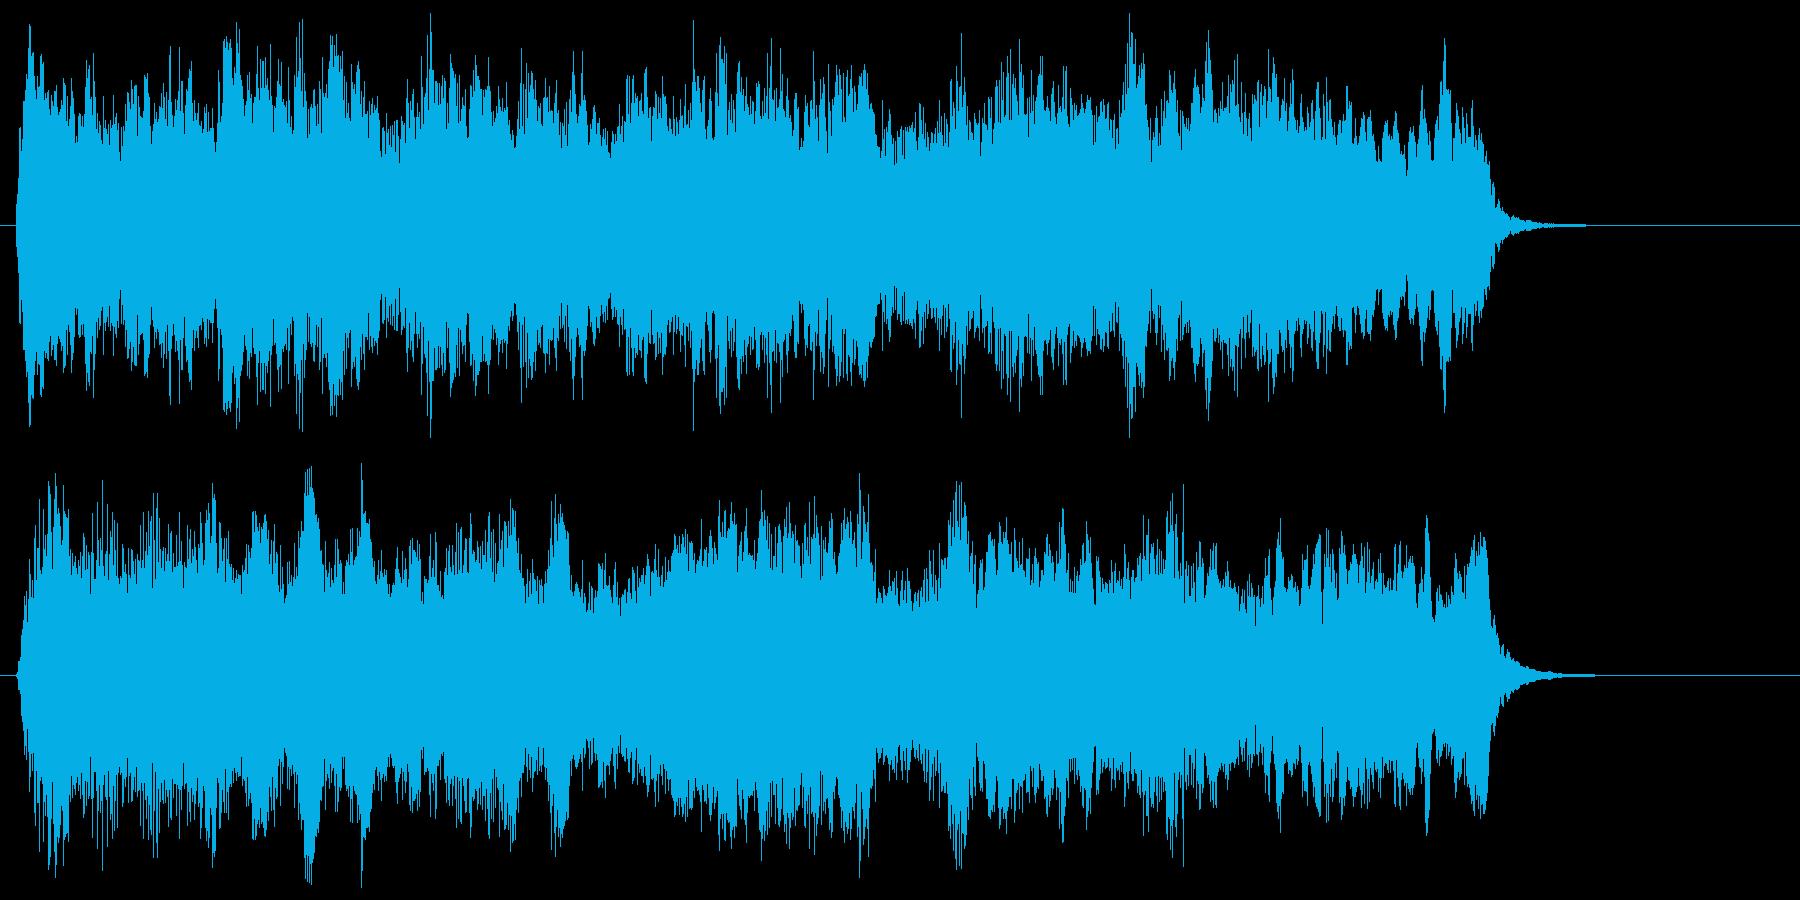 華麗で優雅なストリングスポップジングルの再生済みの波形